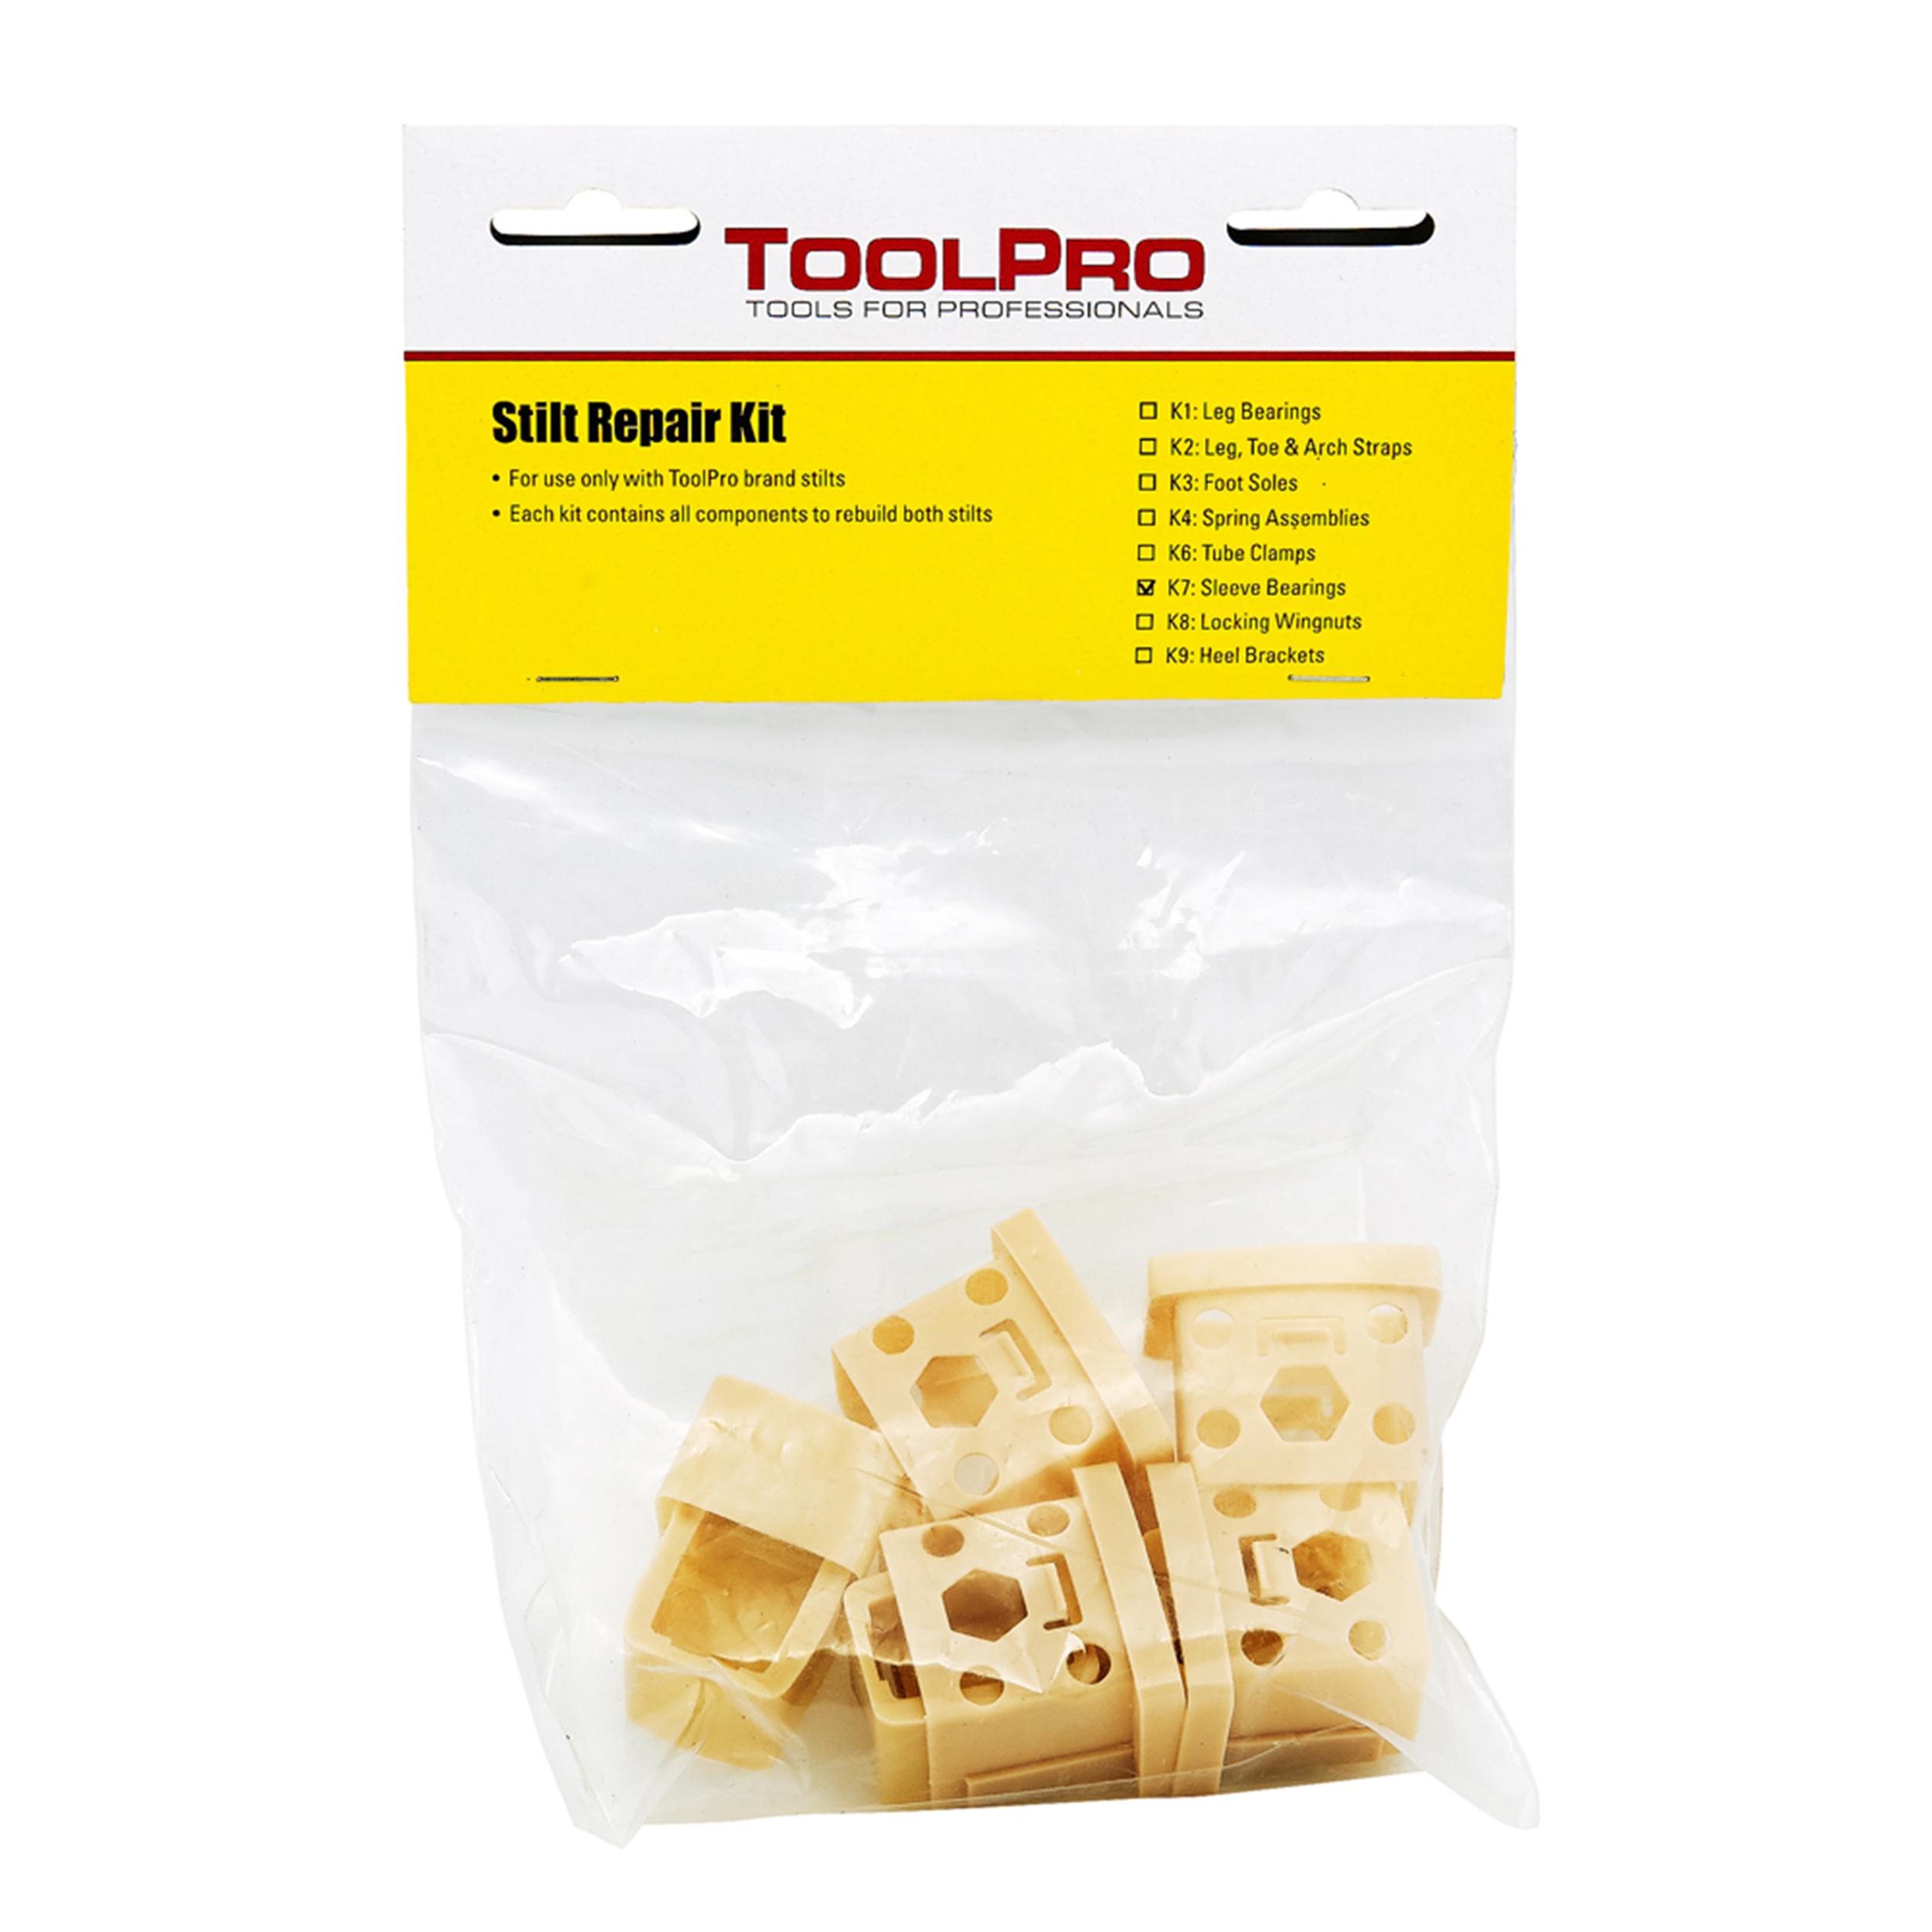 Stilt Kit, Sleeve Bearings